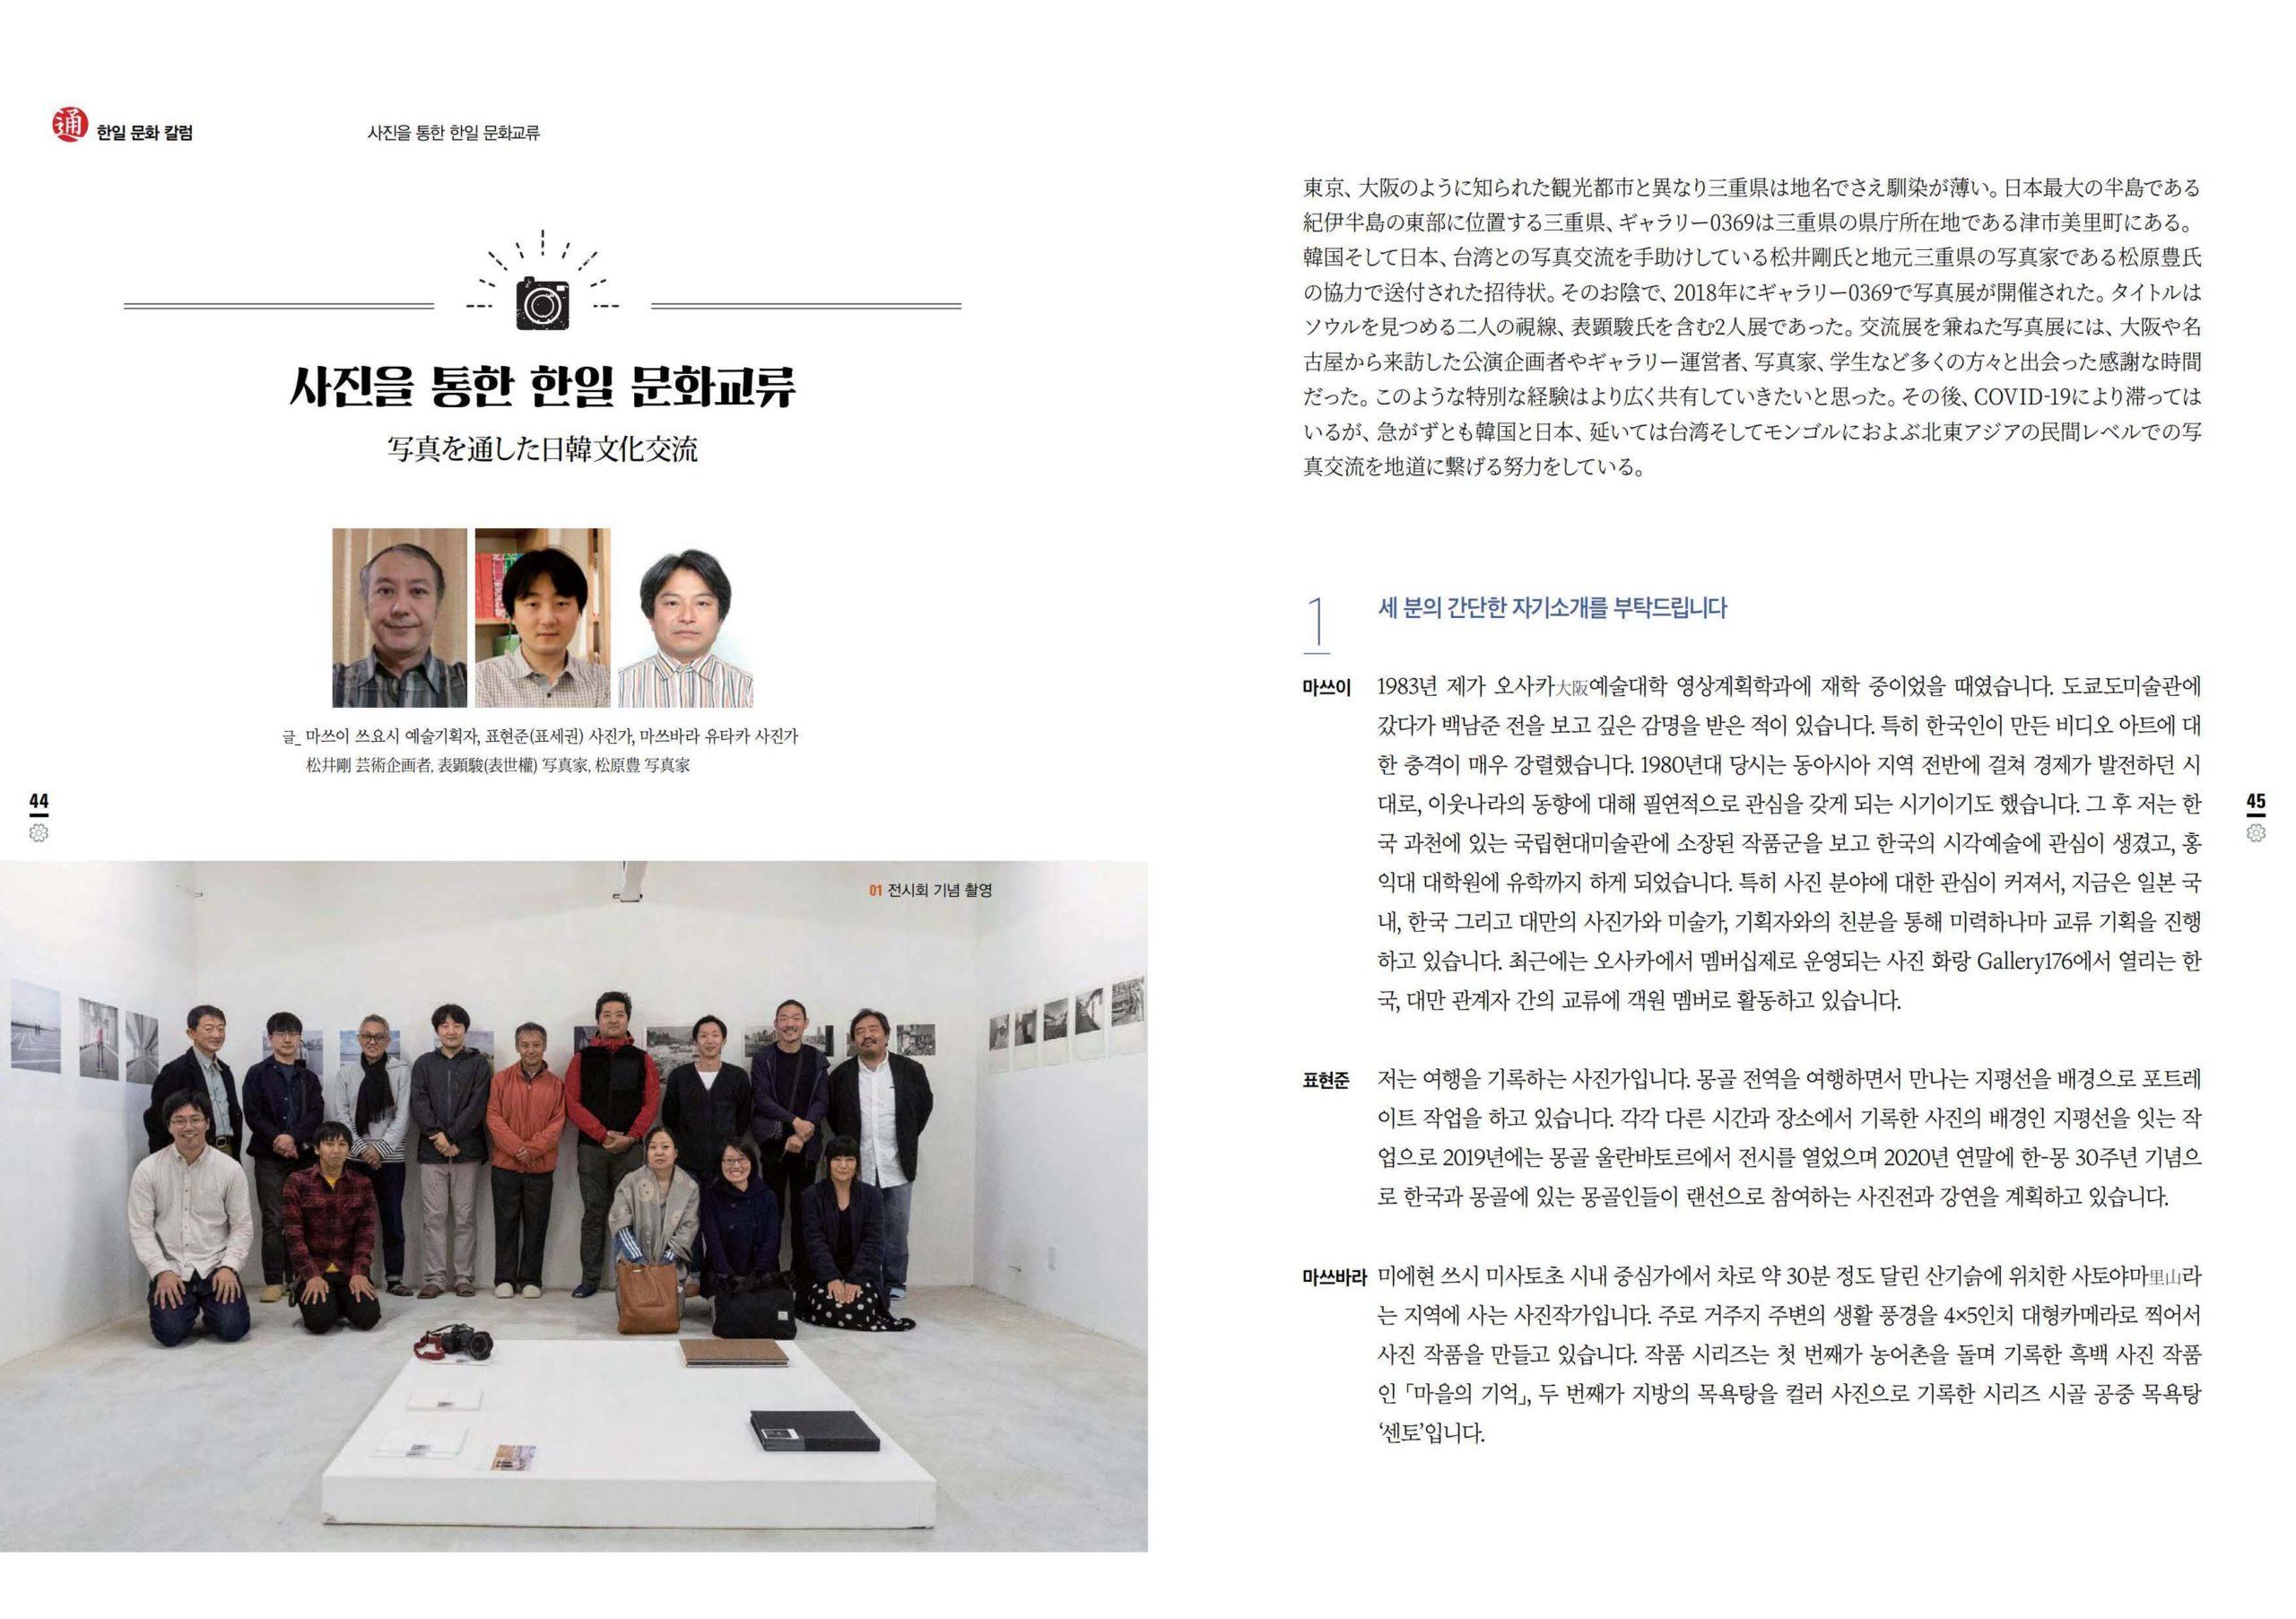 2018日韓写真文化交流gallery0369